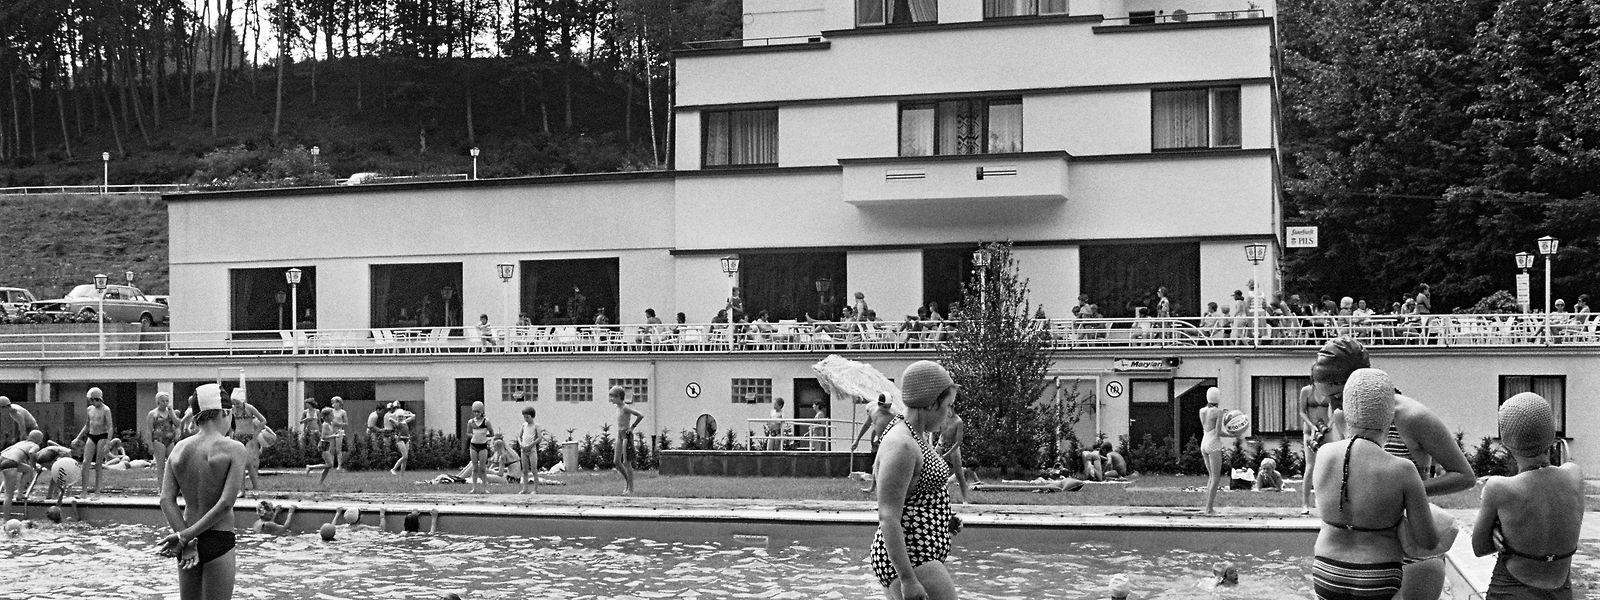 Eine Aufnahme aus vergangenen Zeiten: Einst befand sich in Gantenbeinmühle ein beliebtes Freibad. Diesen Sommertag im Jahr 1977 hielt Marcel Tockert im Bild fest.